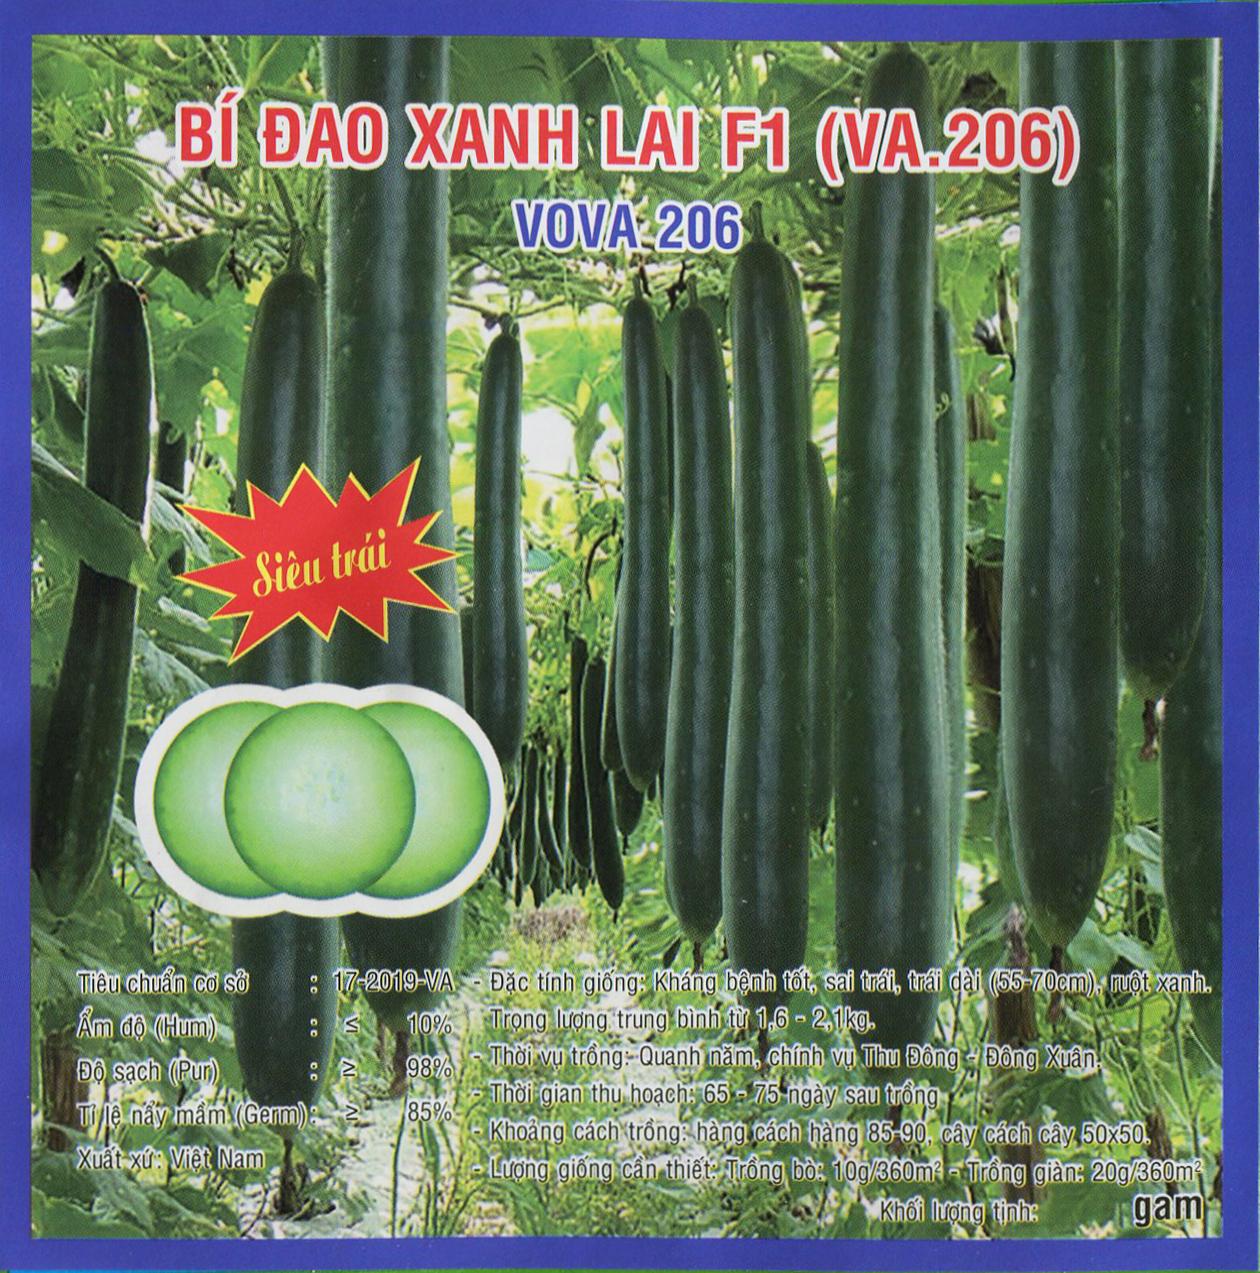 Hạt giống Bí đao xanh lai F1 (VA.206) – 10gram